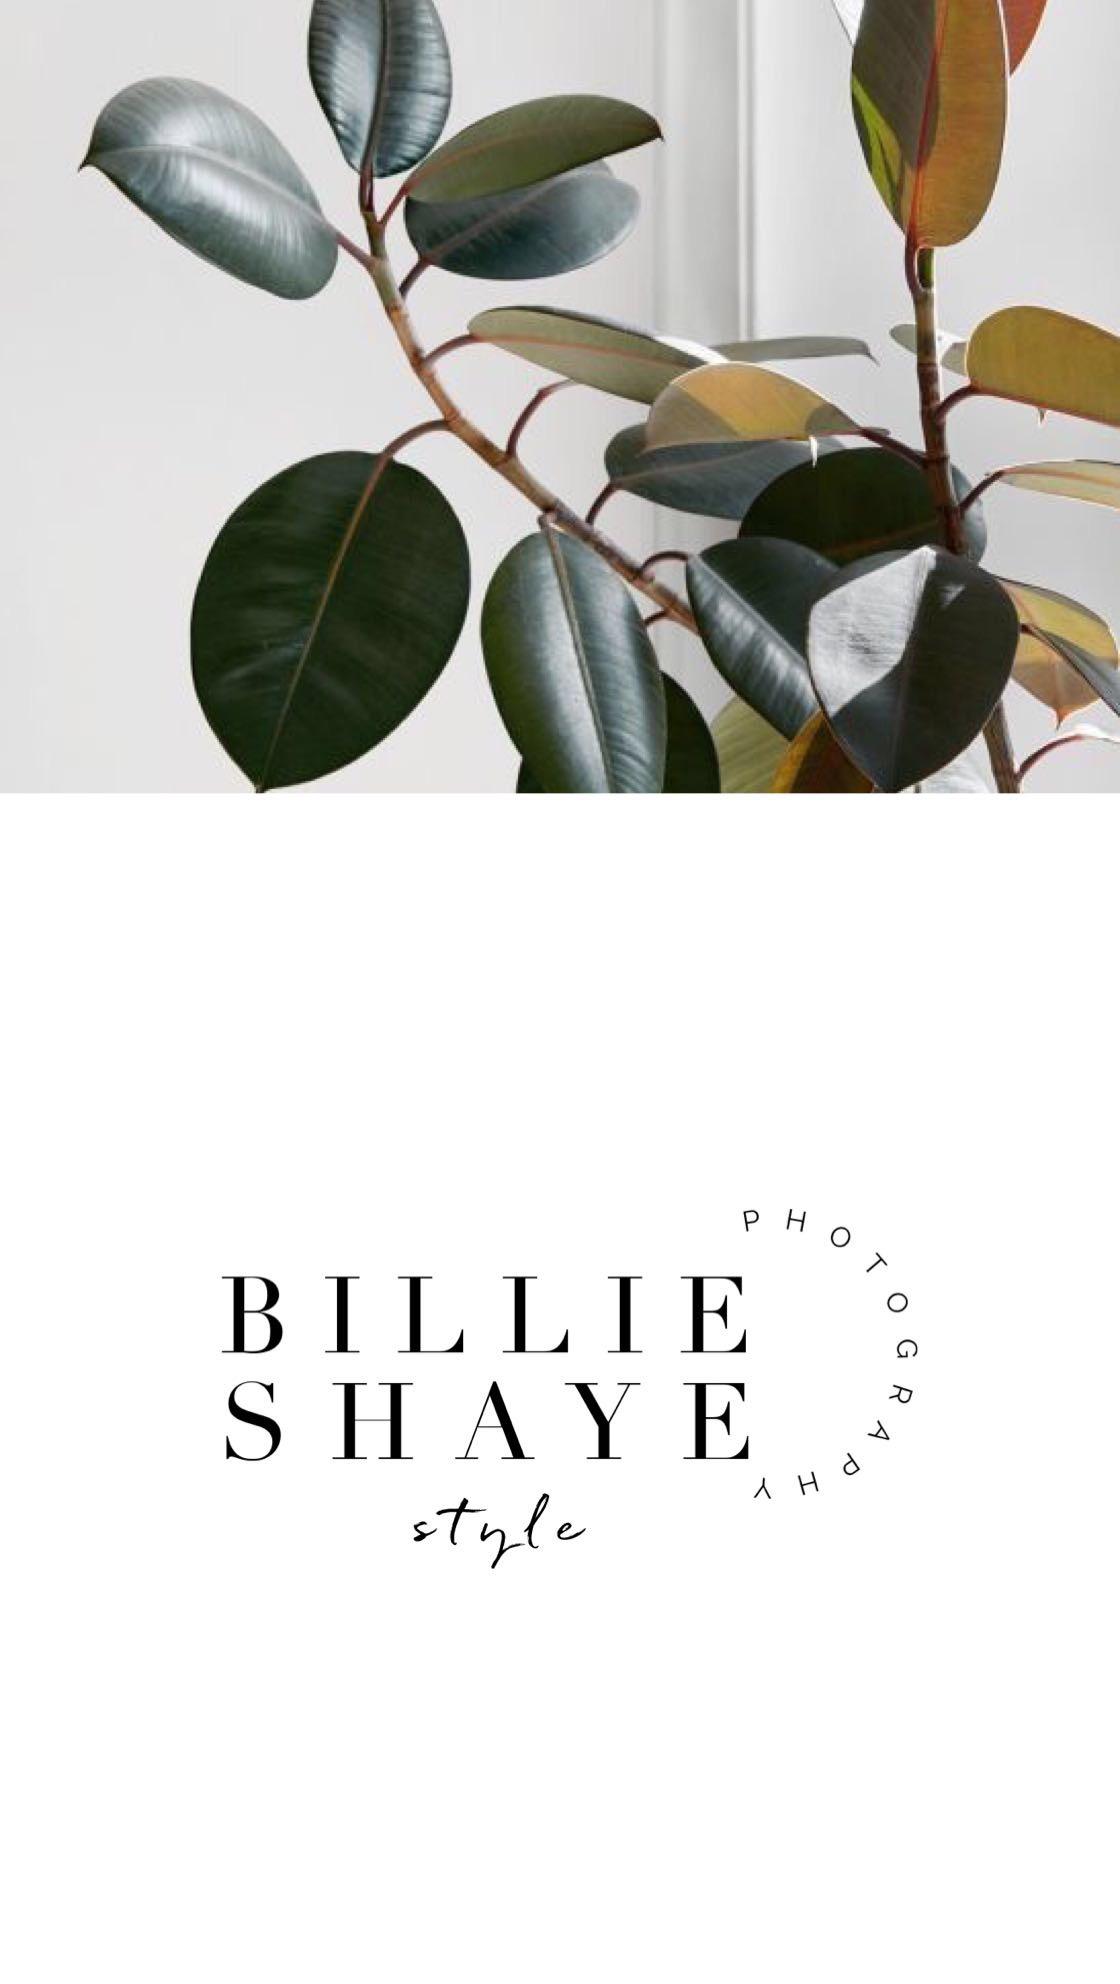 BillieShaye1.JPG